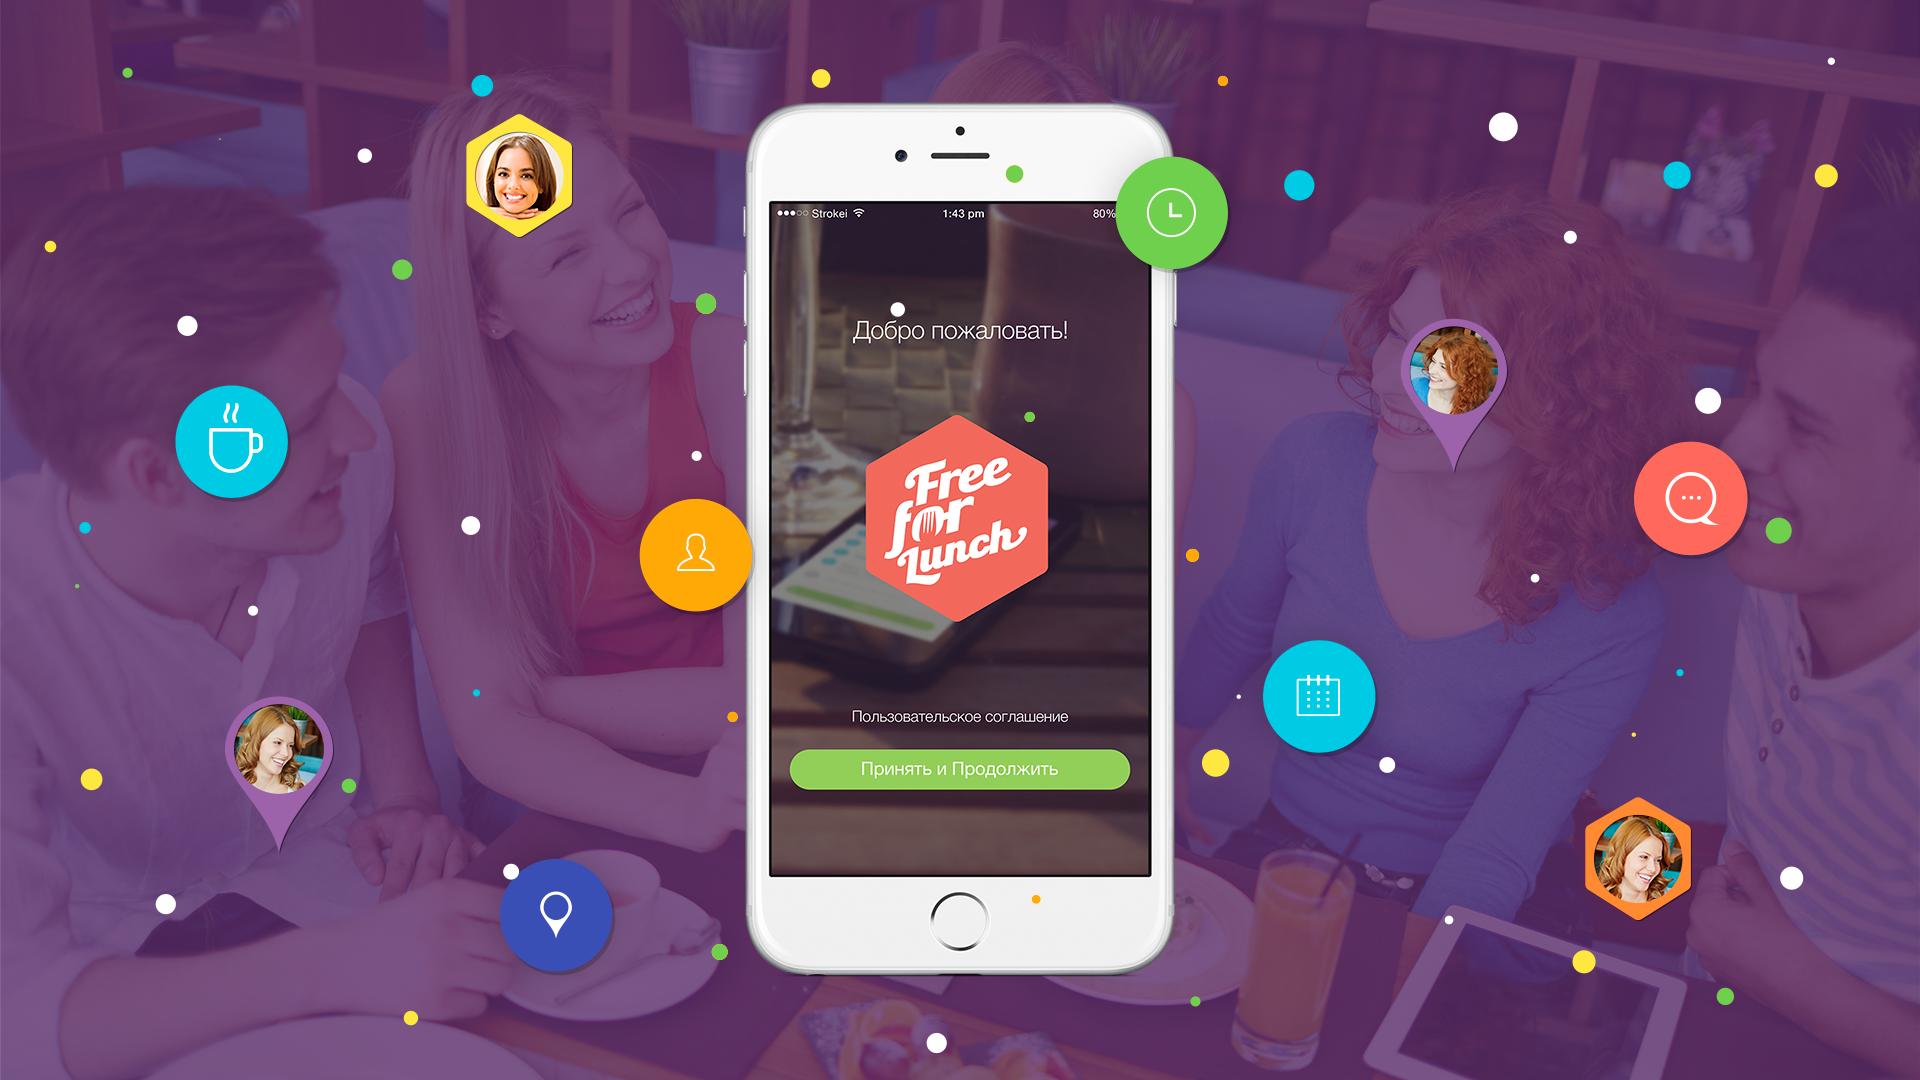 Free for Lunch: Приложение для встреч с друзьями и новых знакомств